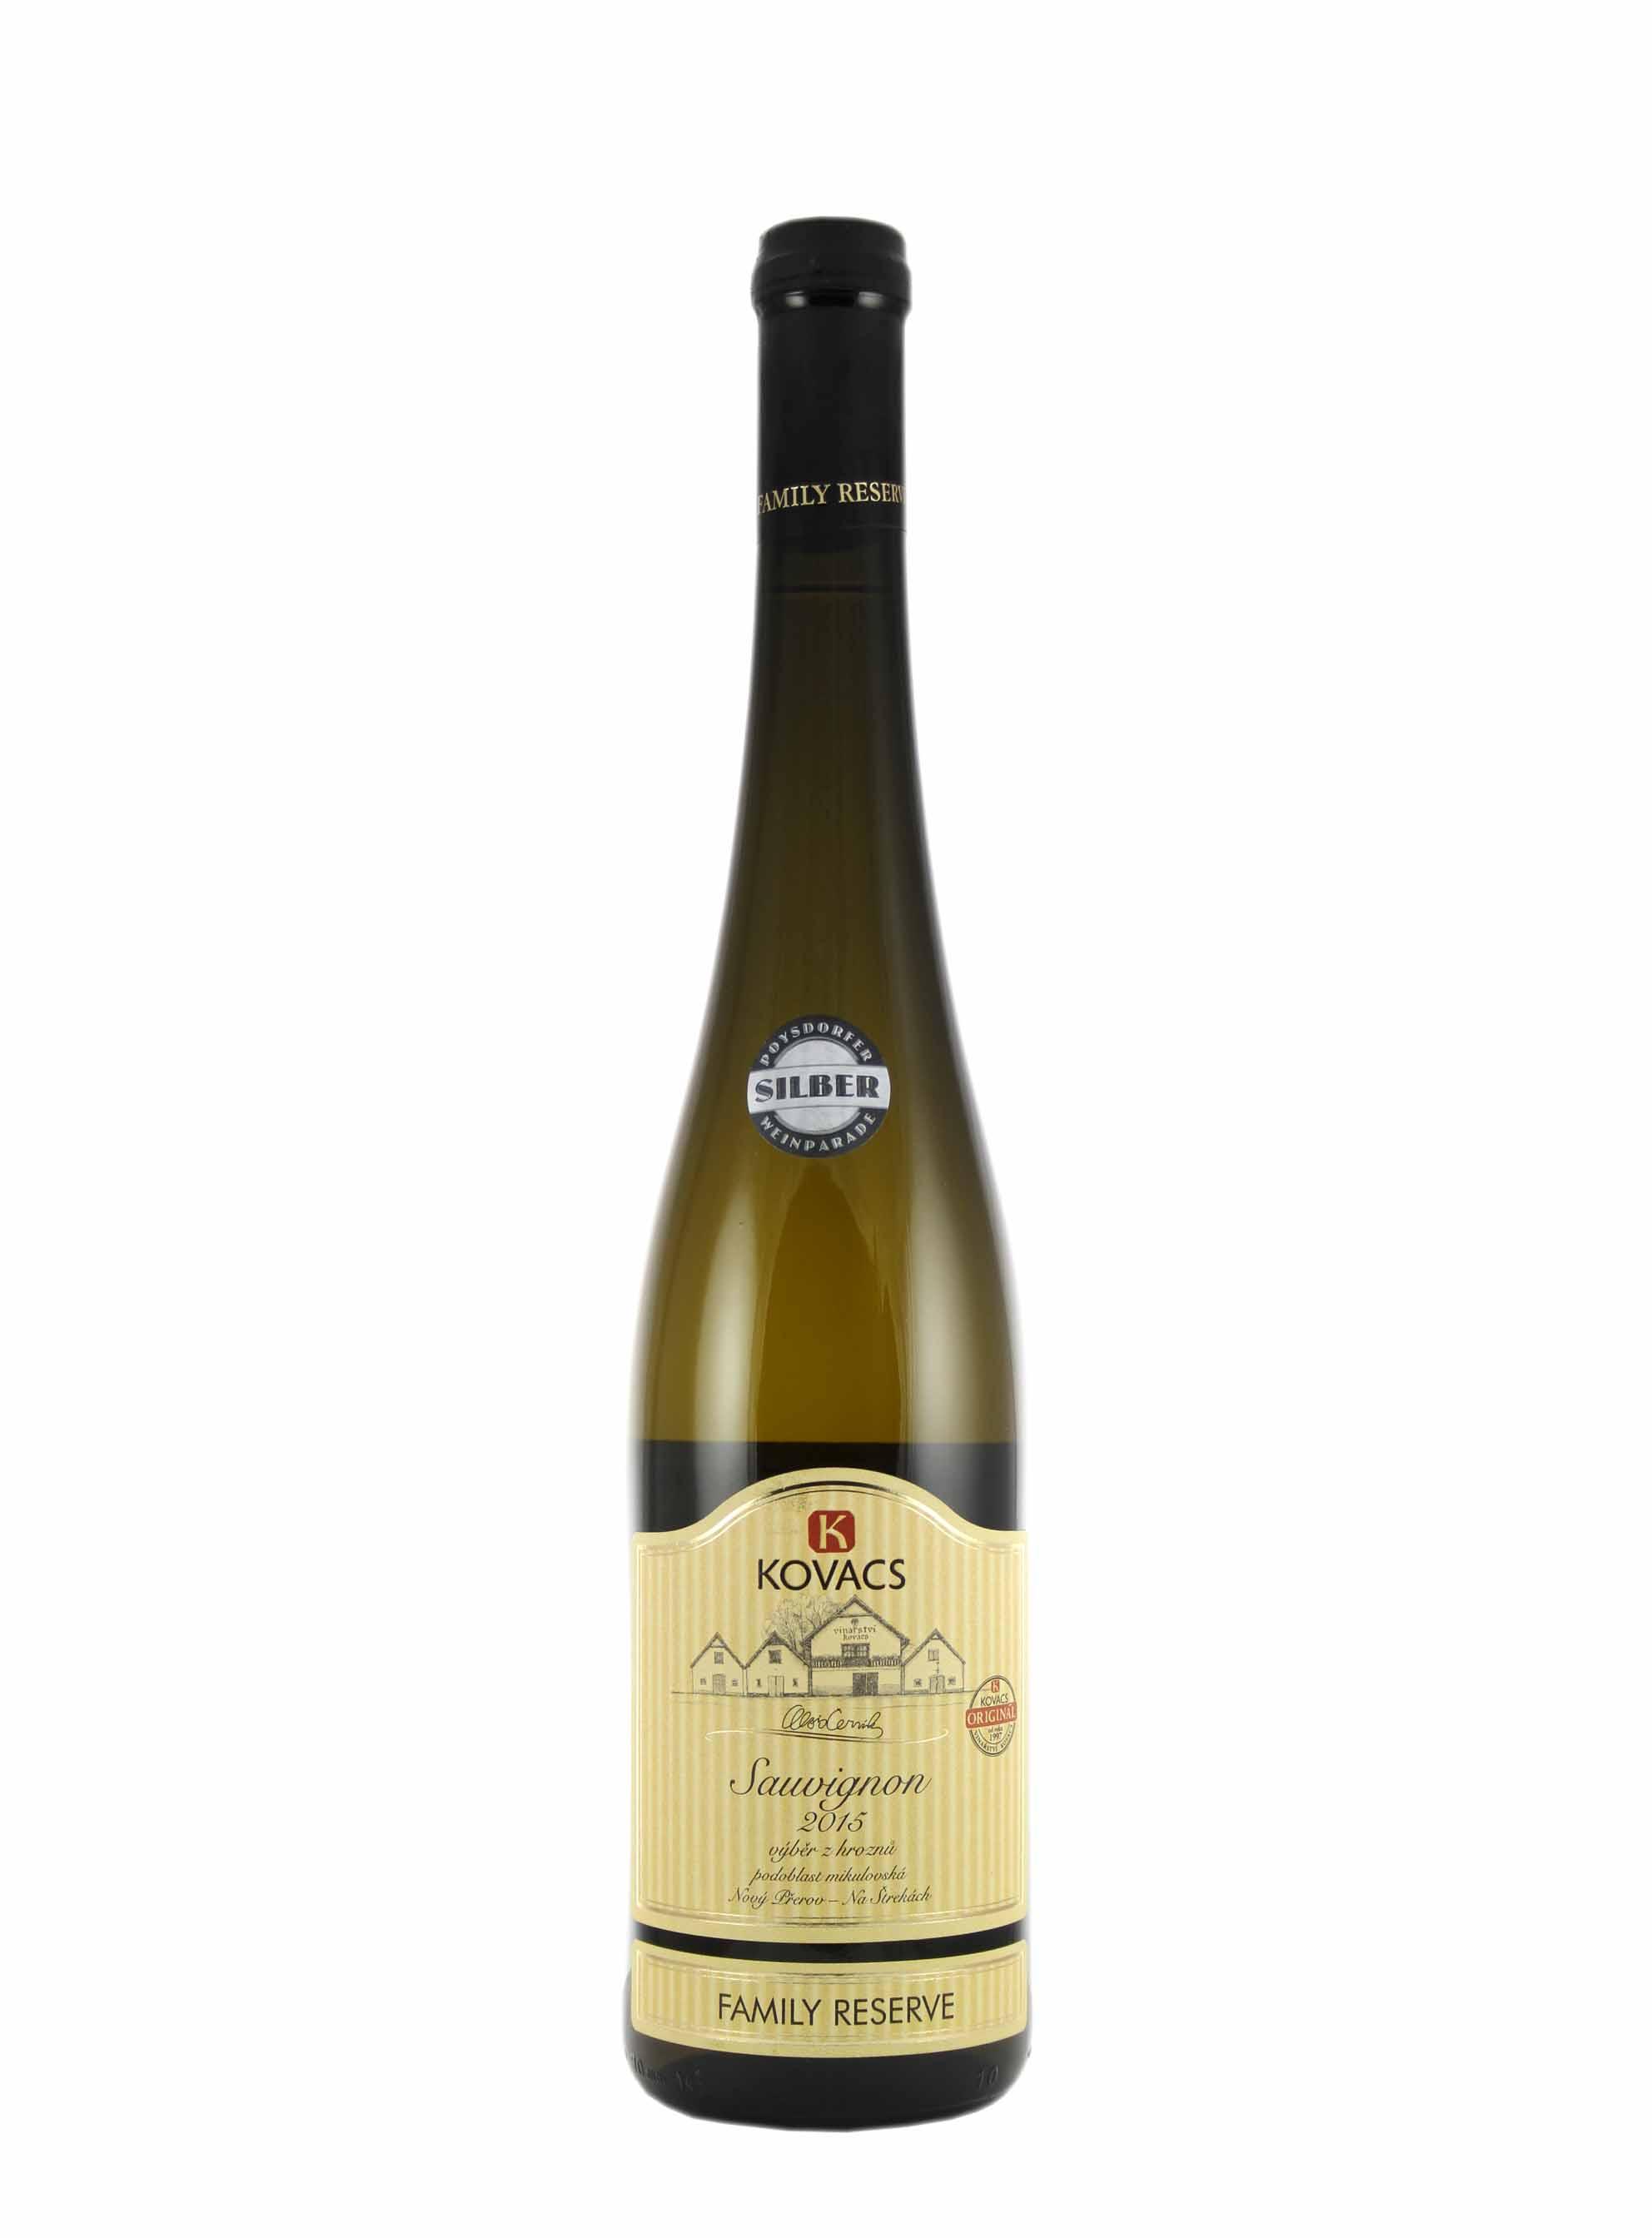 Sauvignon, Family reserve, Výběr z hroznů, 2015, Vinařství Kovacs, 0.75 l